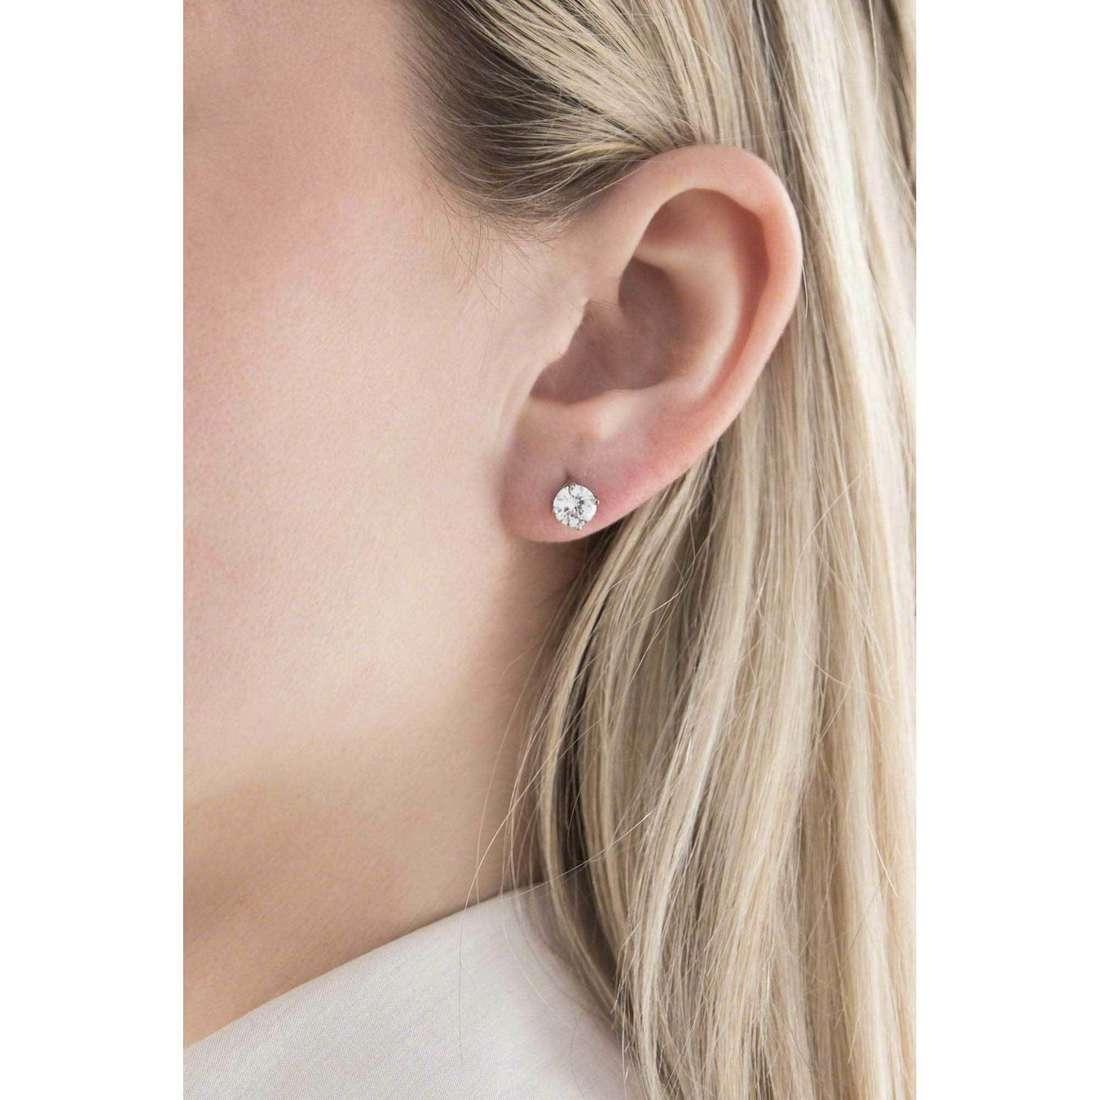 Morellato orecchini Luce donna SRL04 indosso